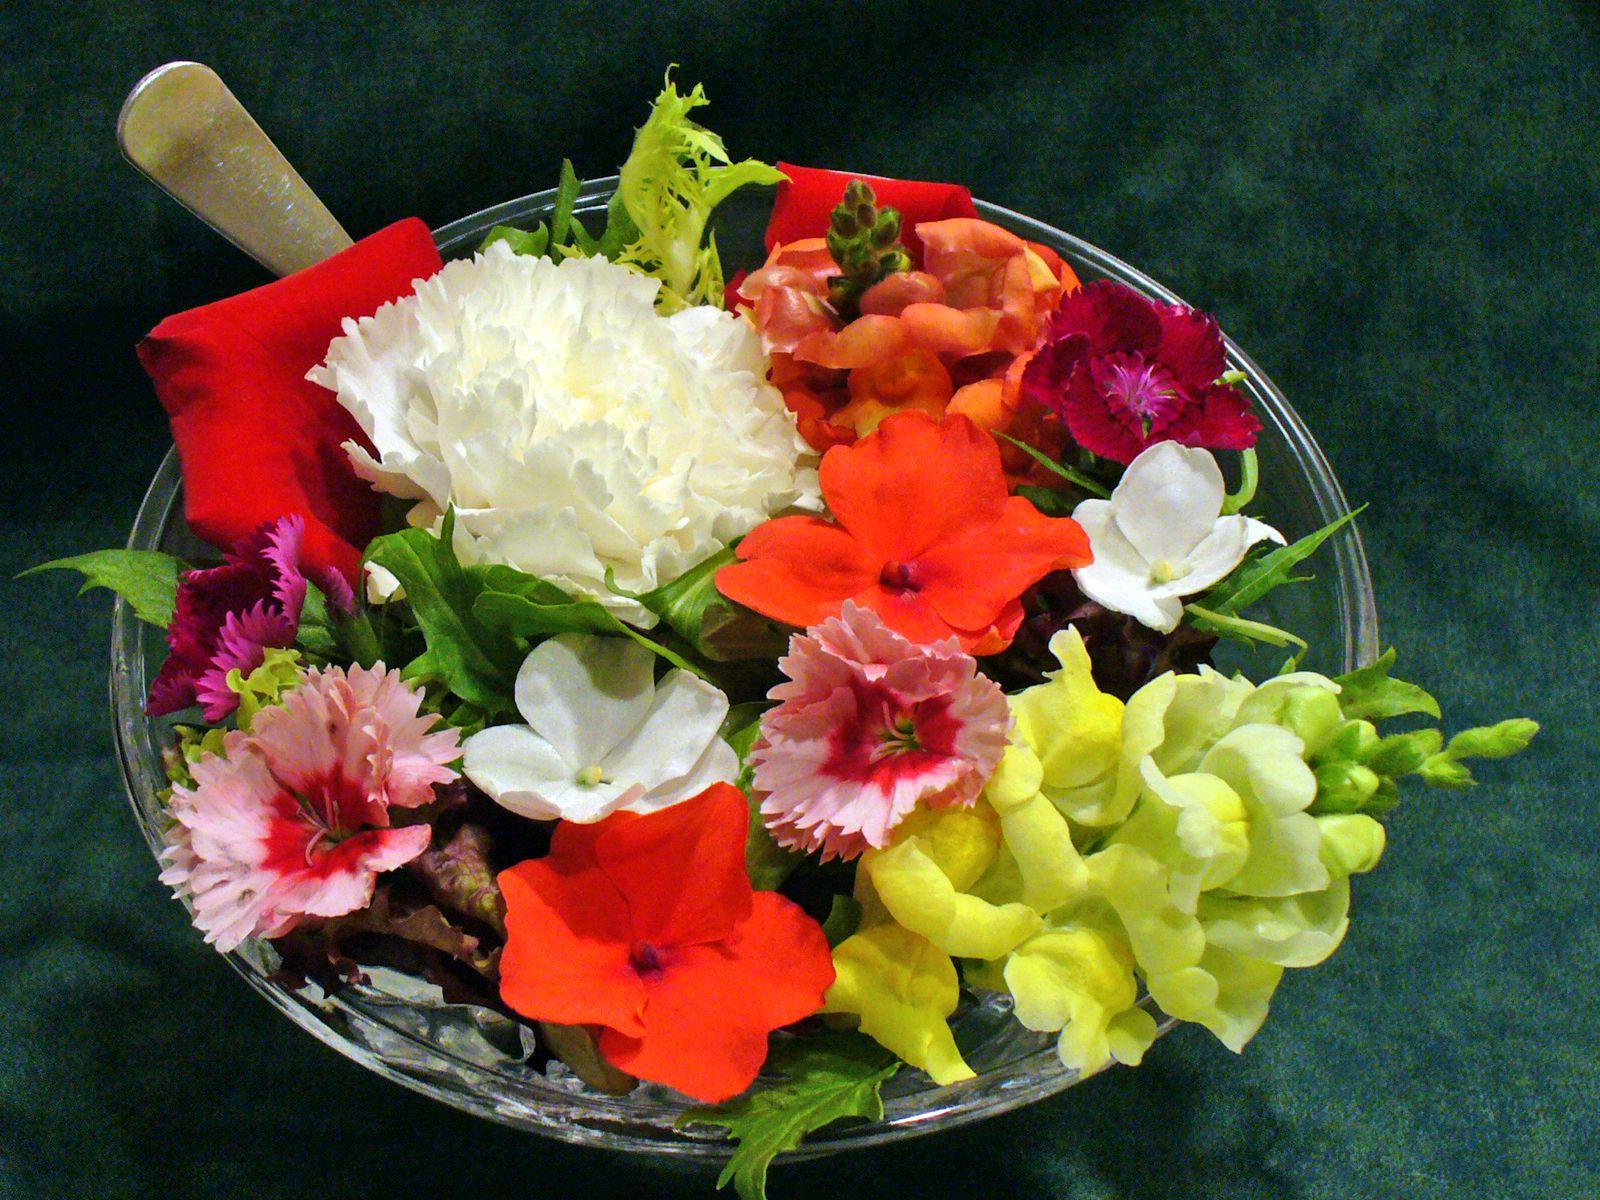 flores comestíveis : mudas de flores comestiveis